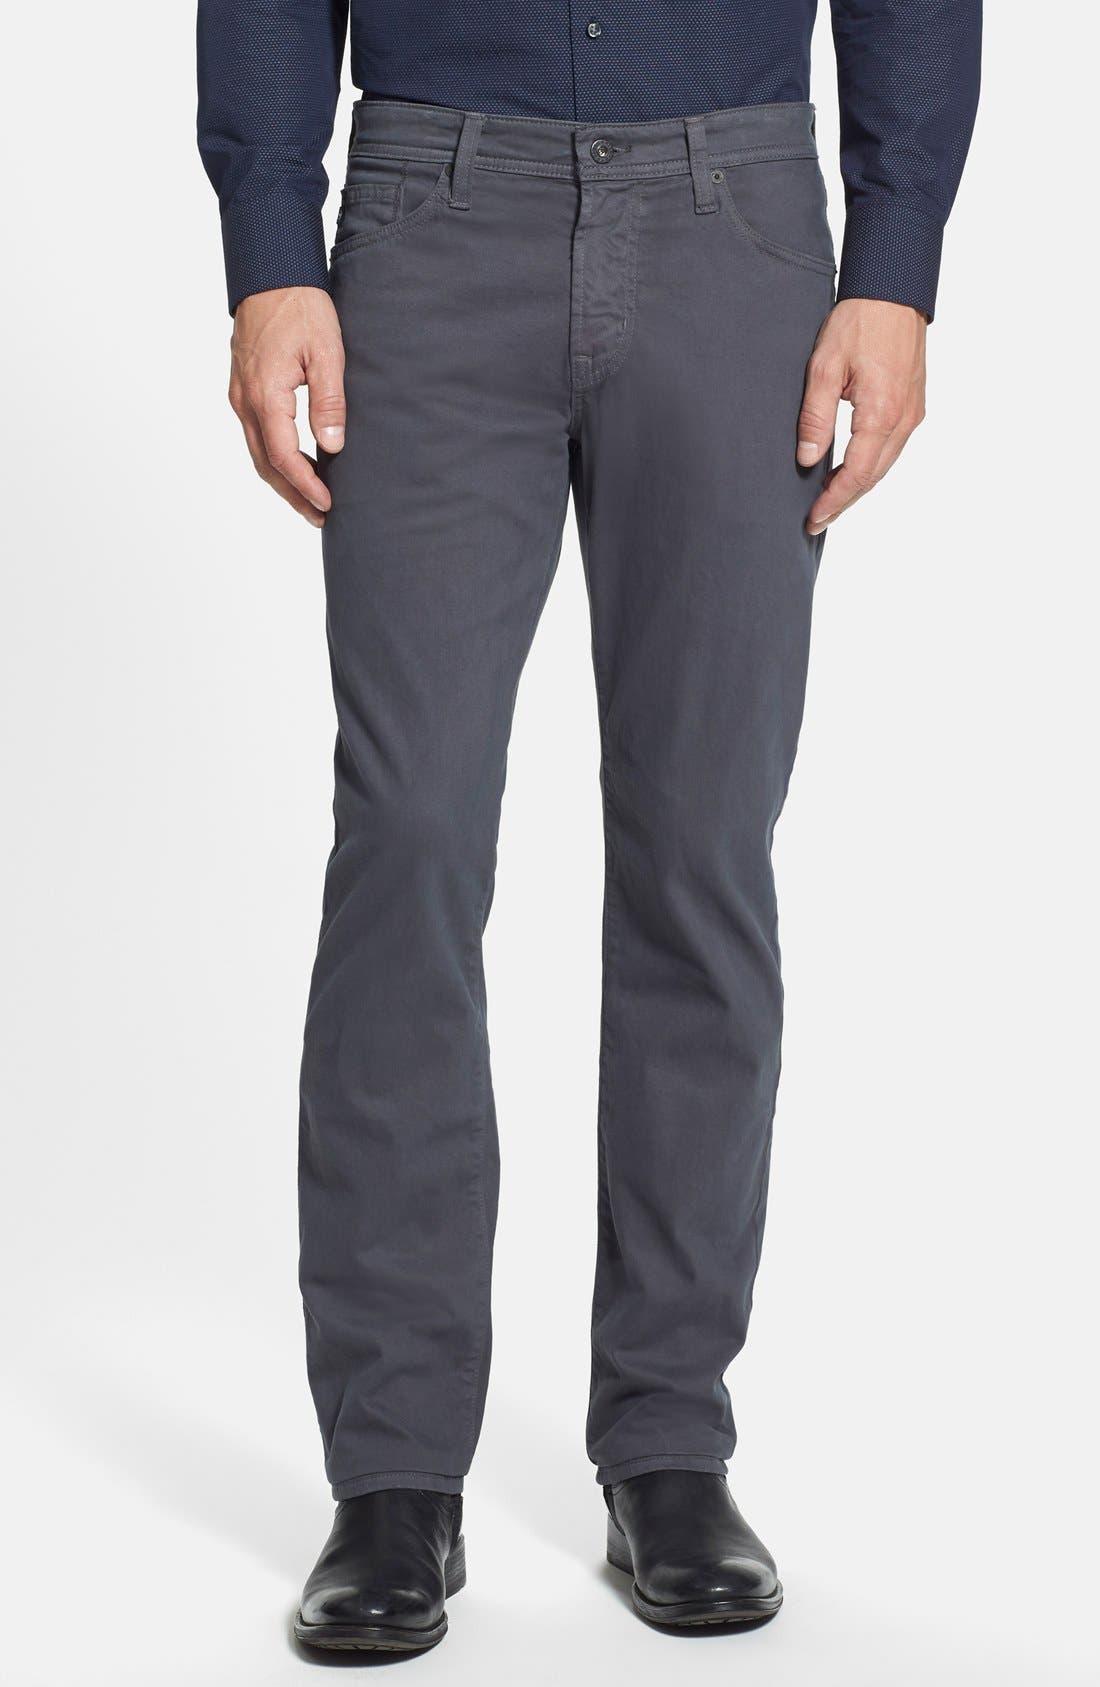 Graduate Sud Slim Straight Leg Pants